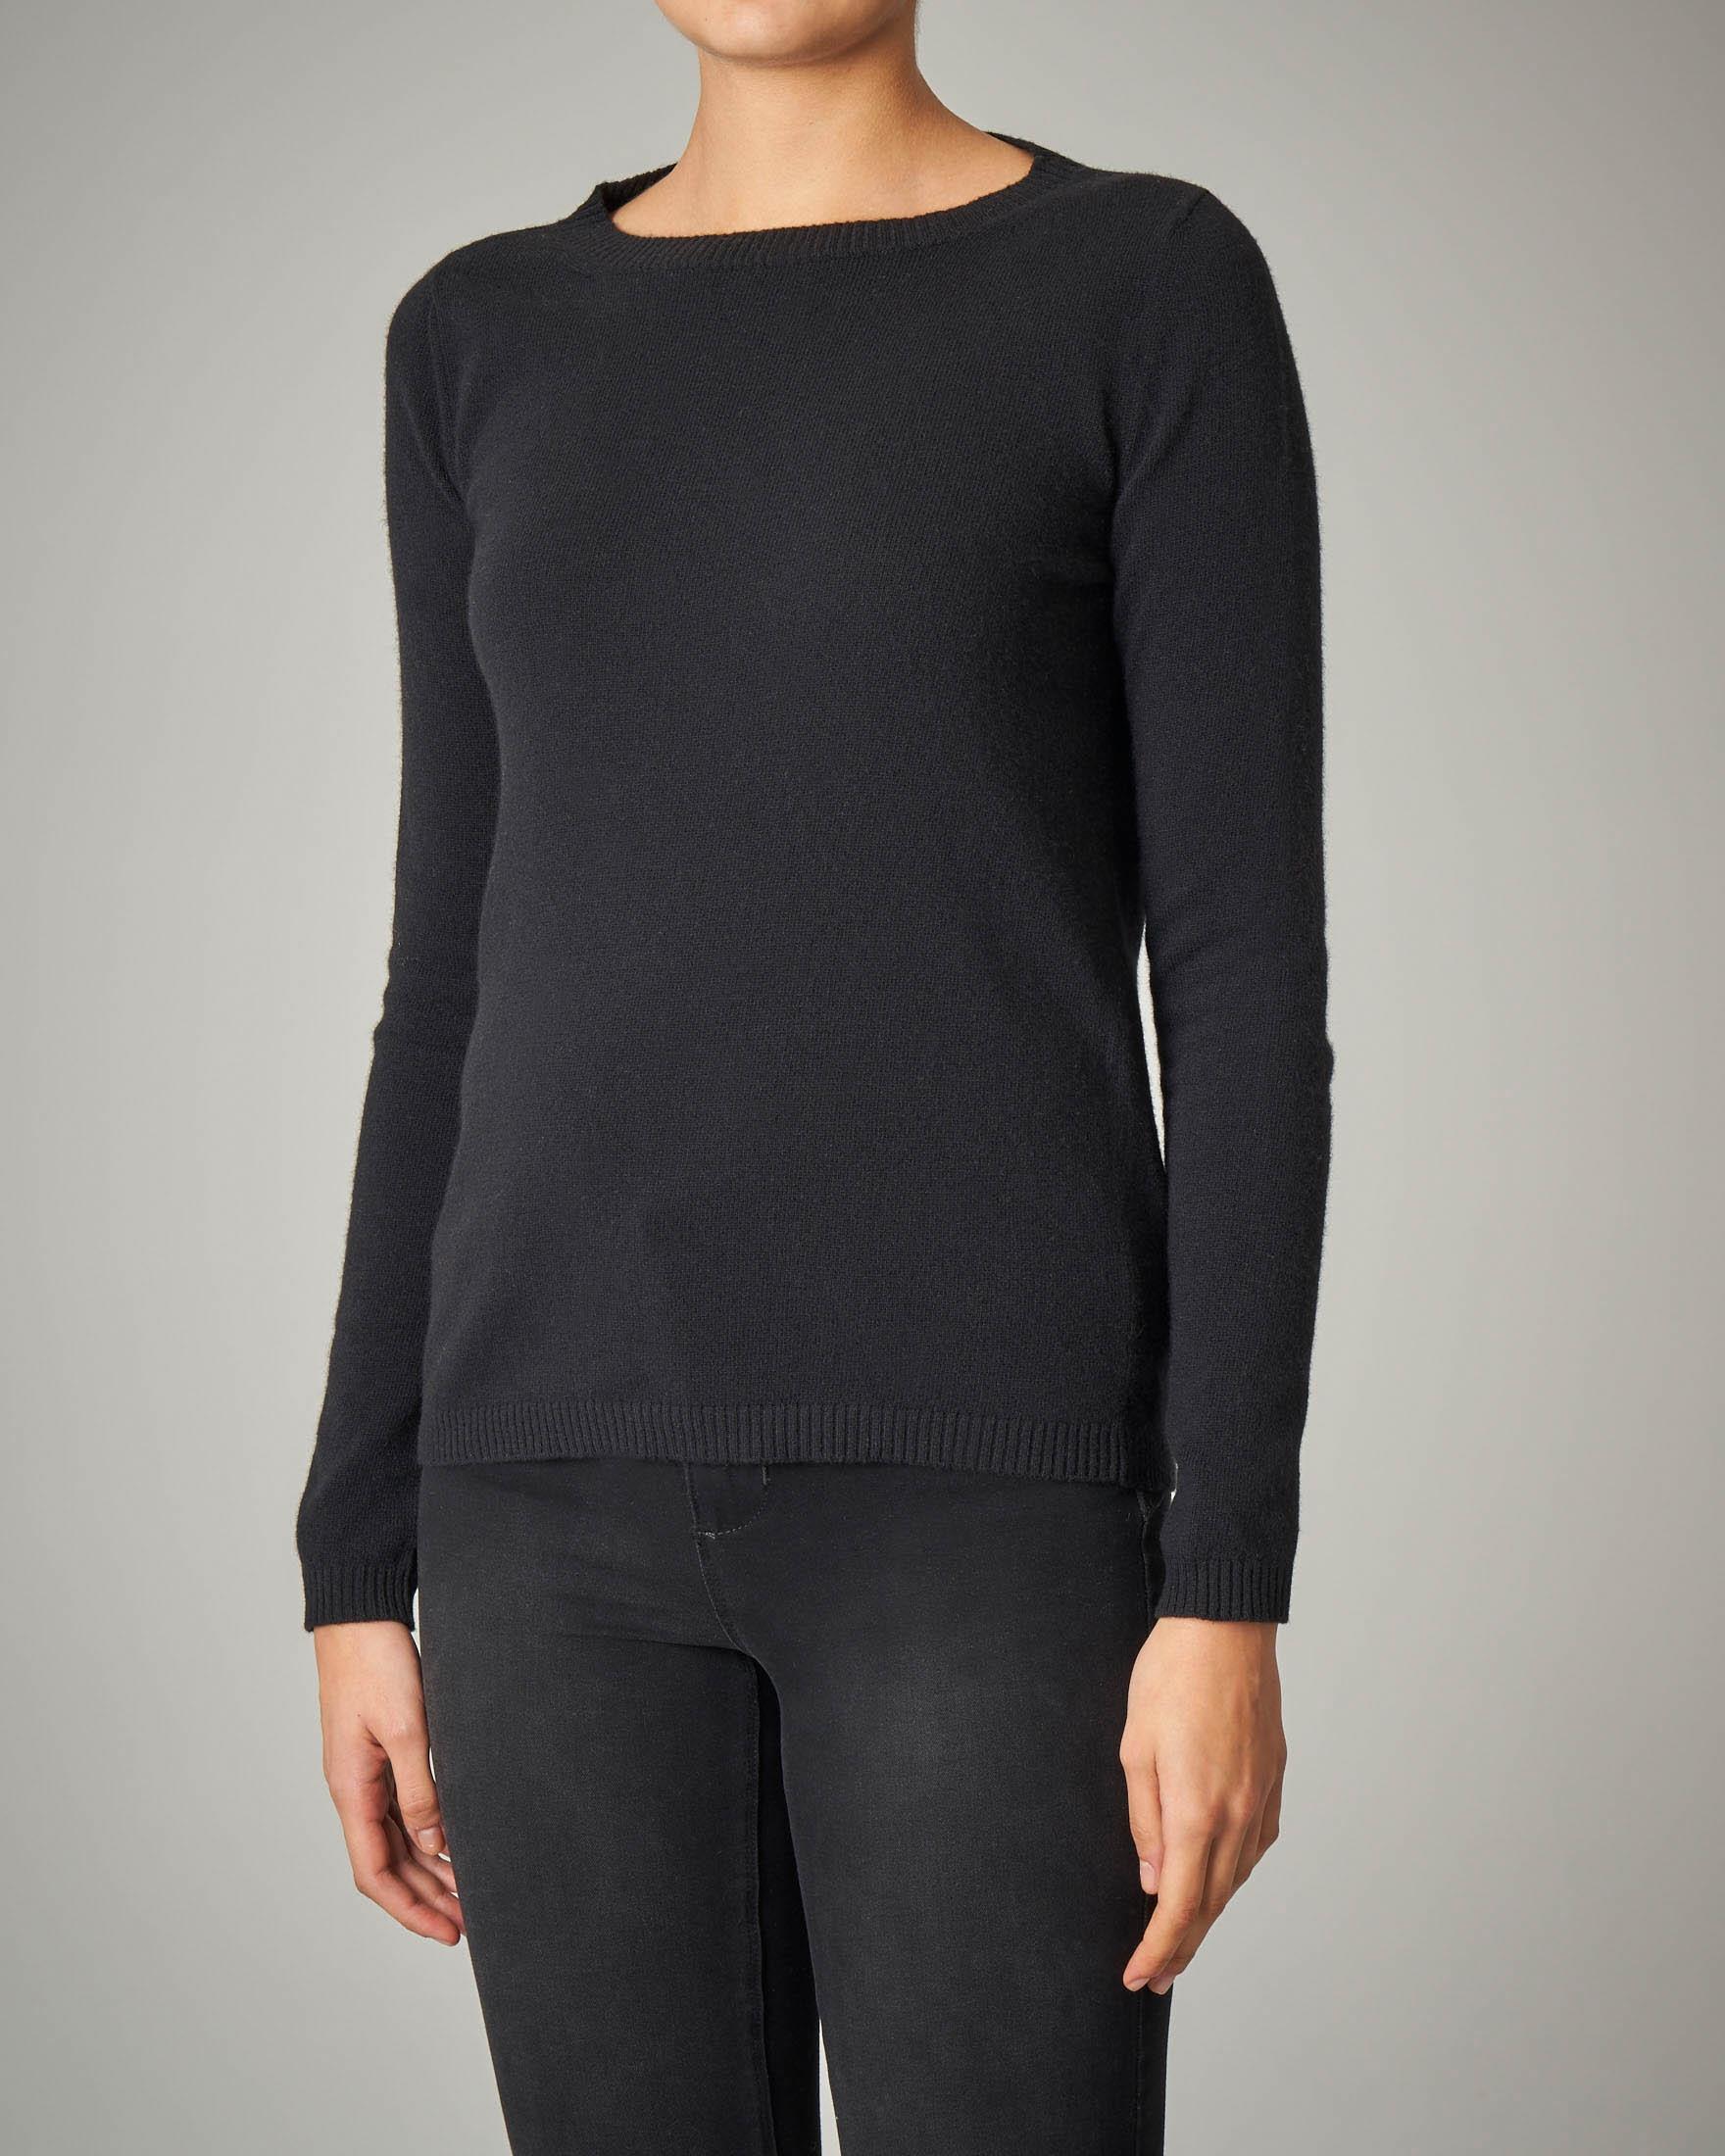 Maglia nera girocollo in lana vergine